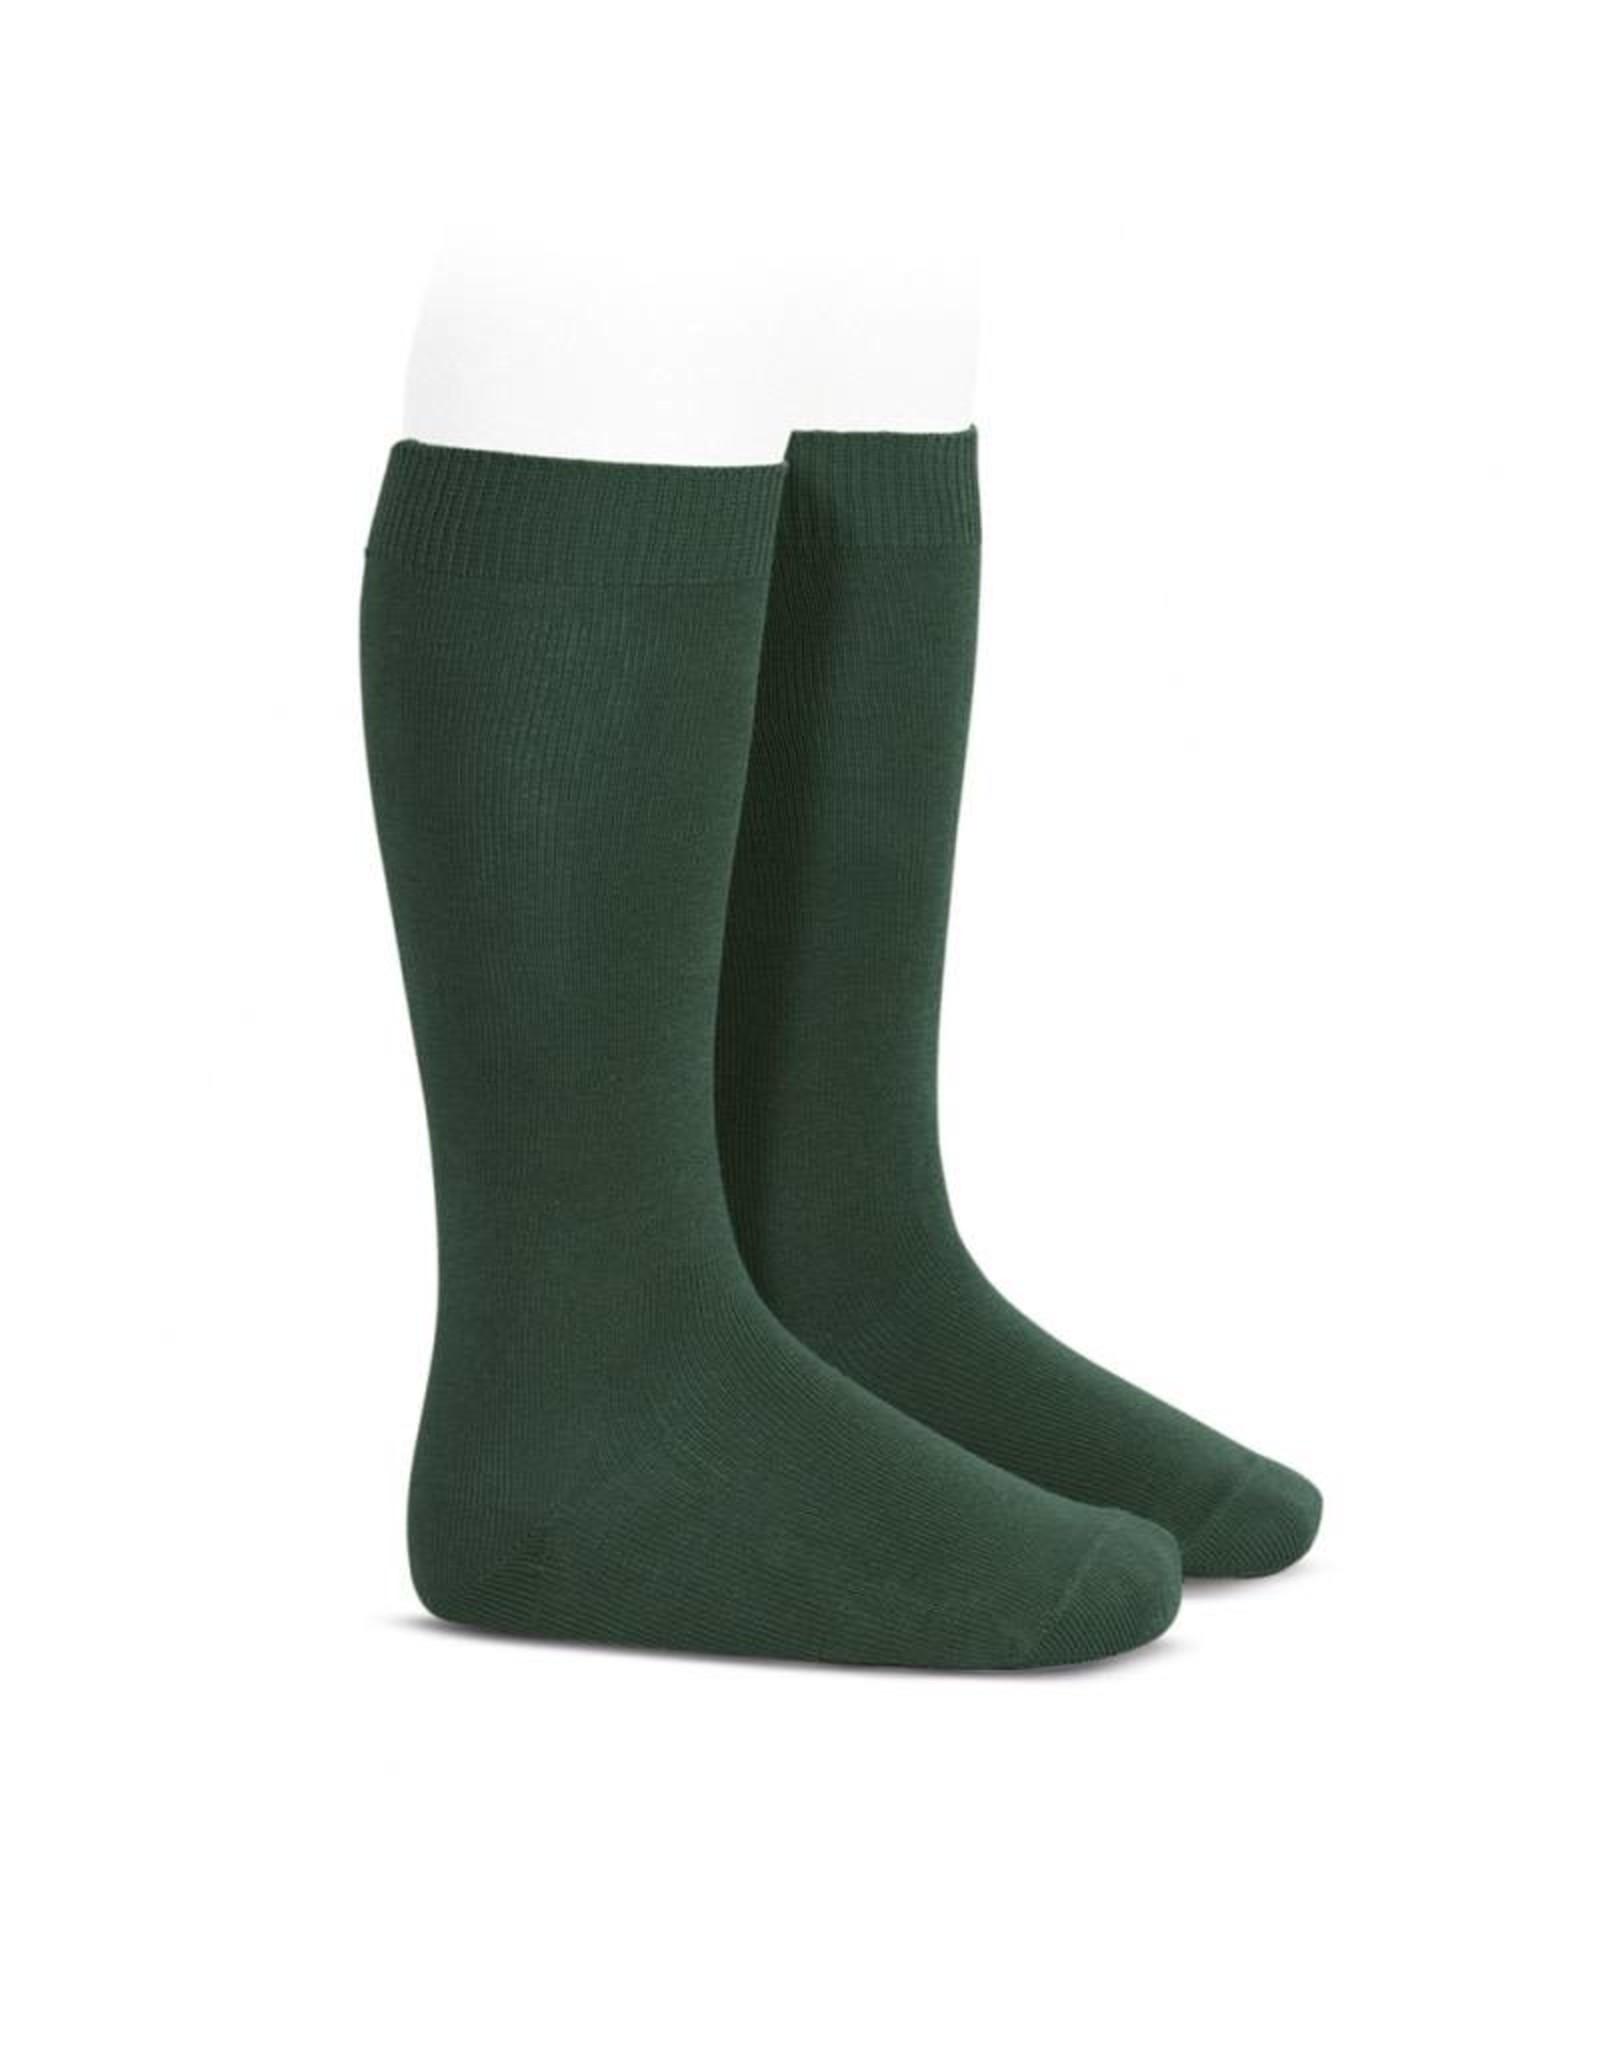 CONDOR Bottle Green Plain Knee High Socks